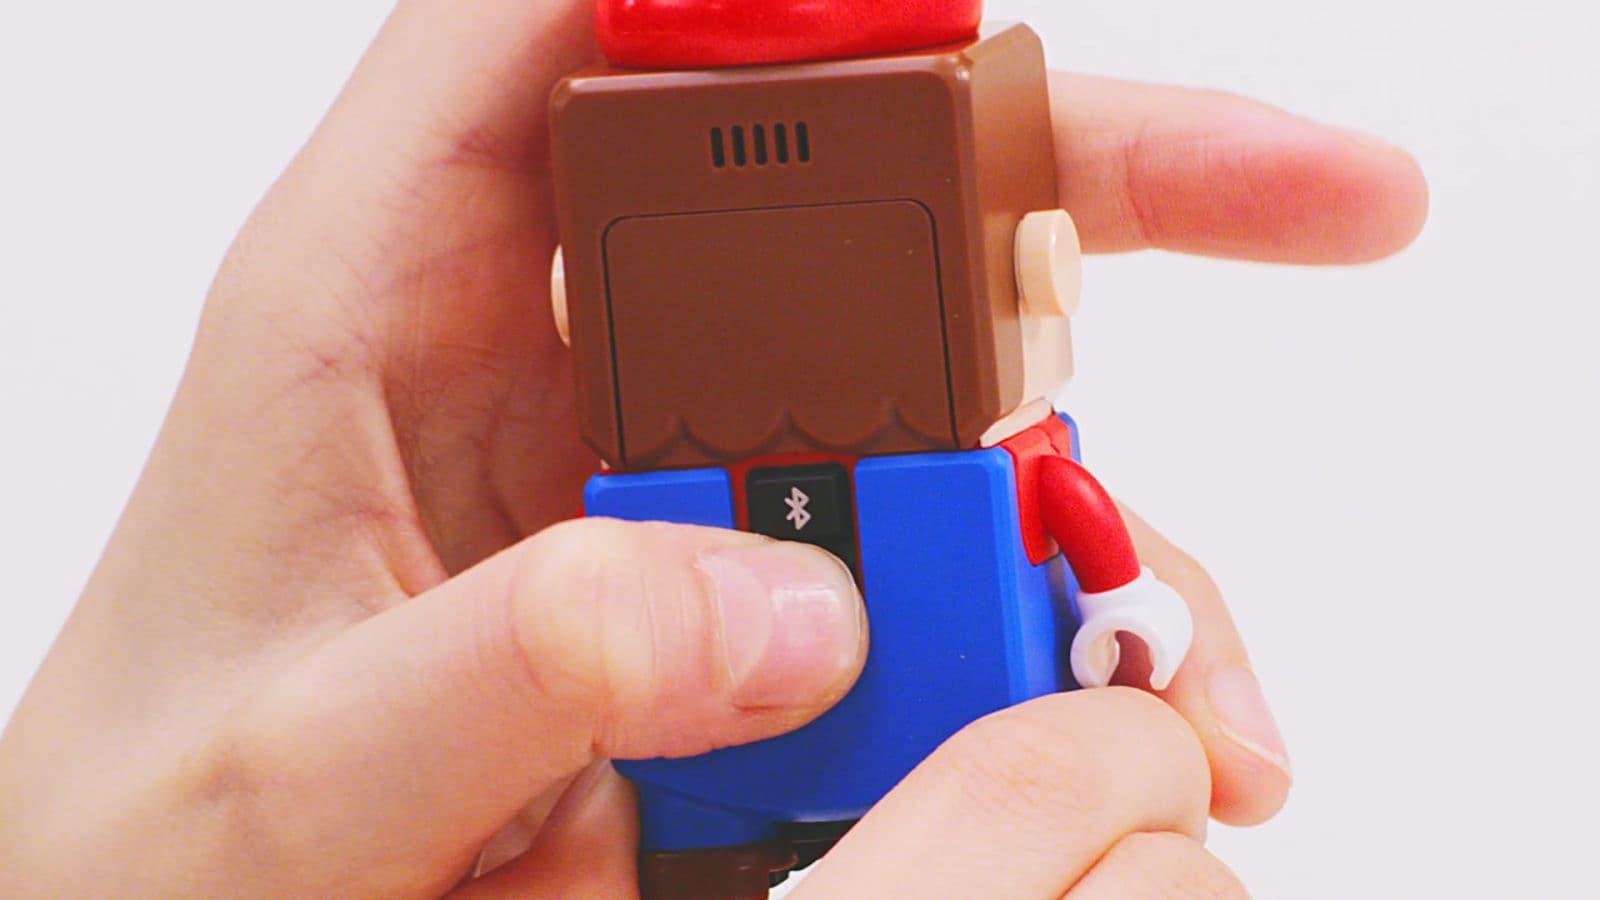 Botão Bluetooth na action figure do Super Mario